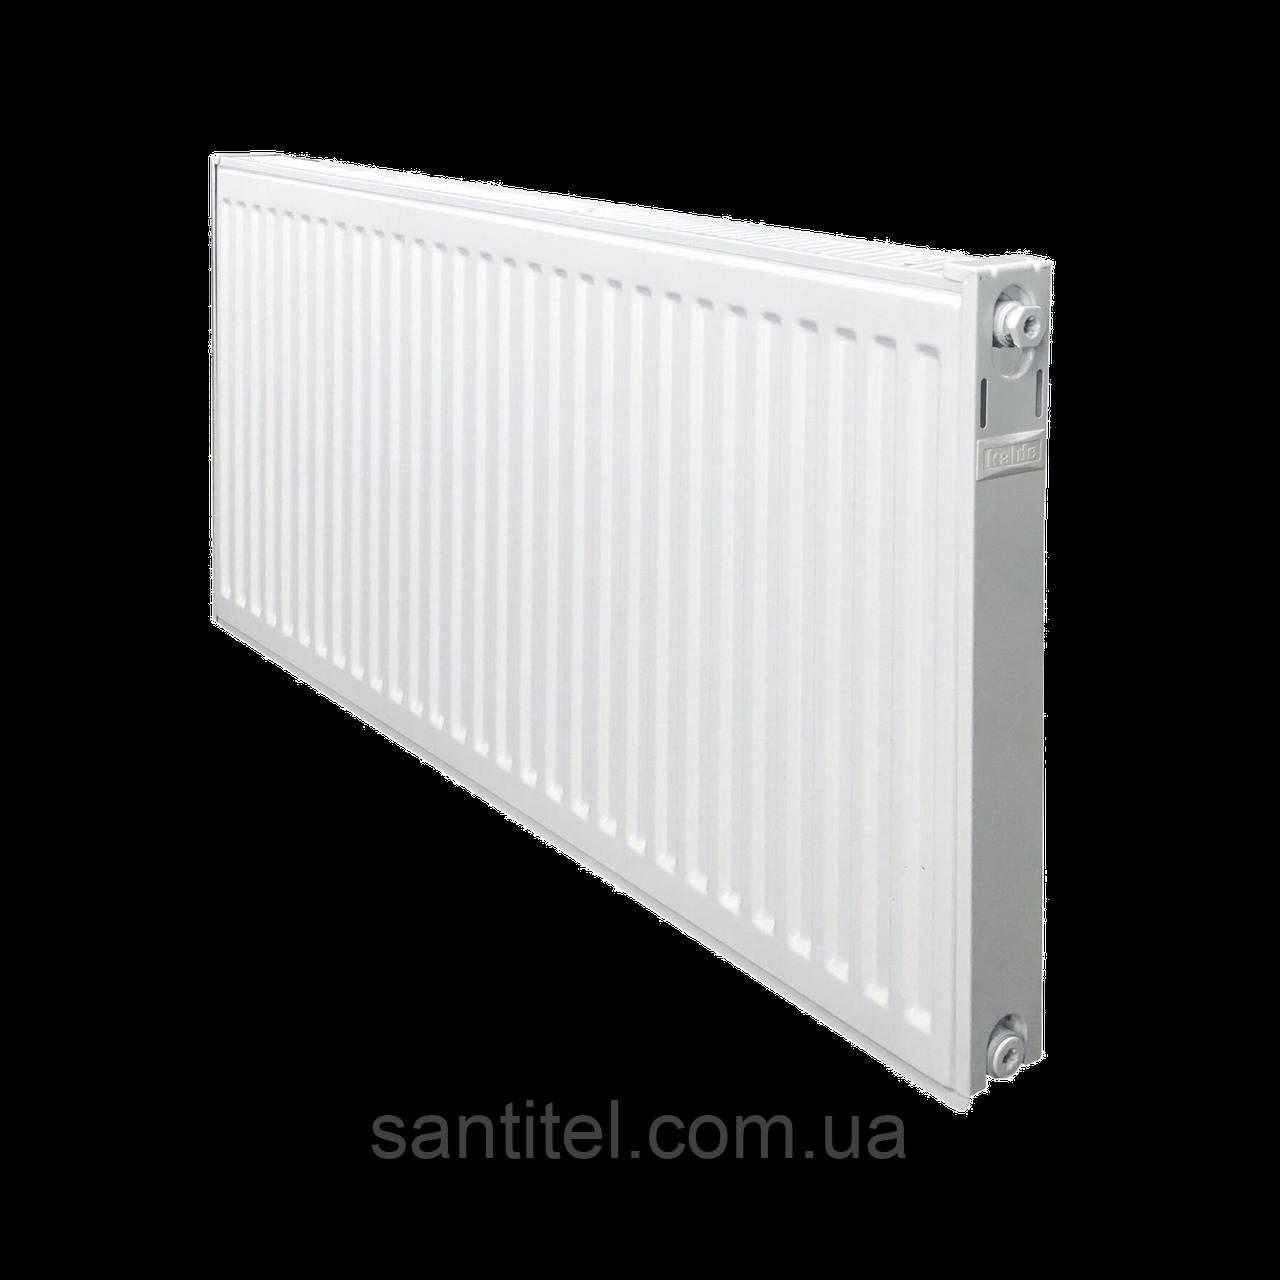 Радиатор стальной панельный KALDE 11 бок 500х1300